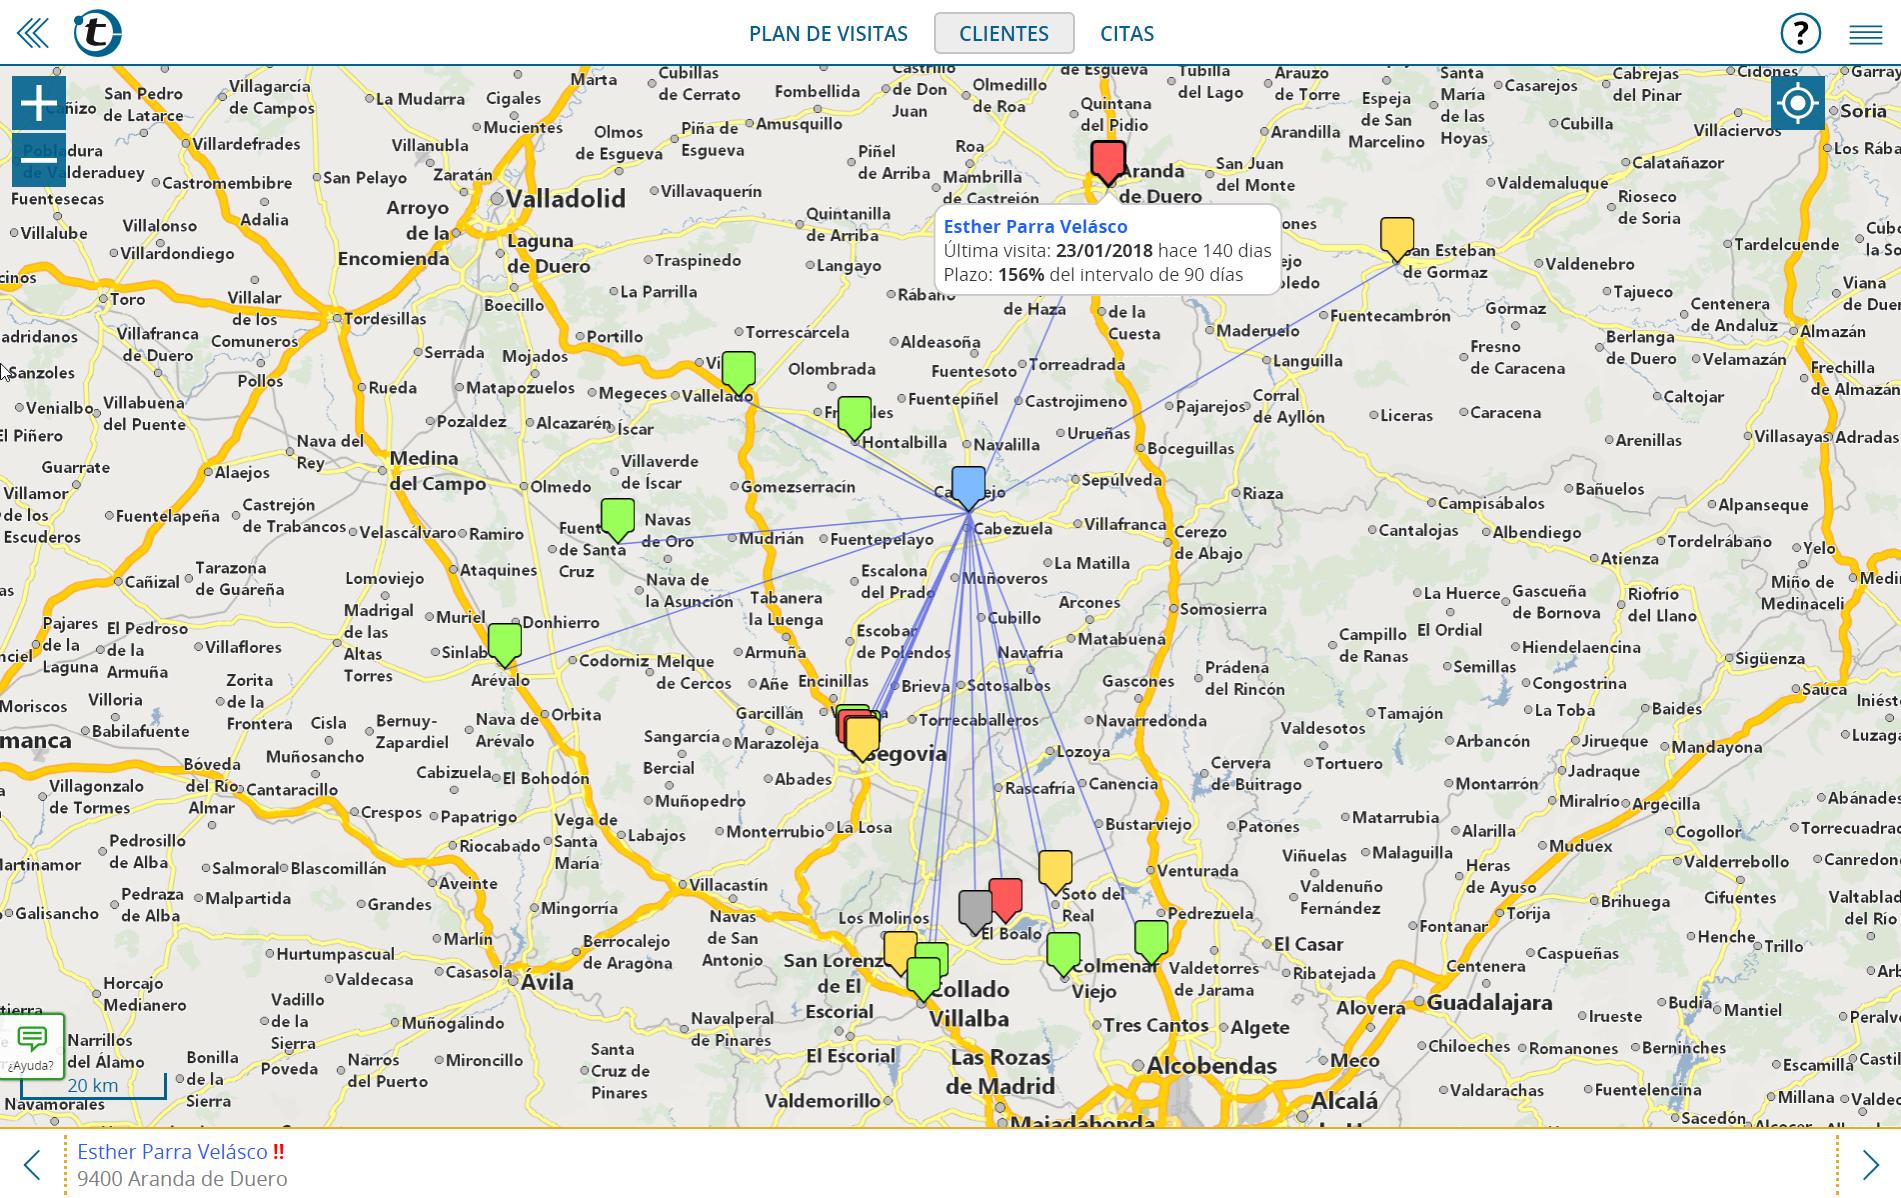 La alternativa a MapPoint: sus clientes de un vistazo sobre el mapa con portatour®